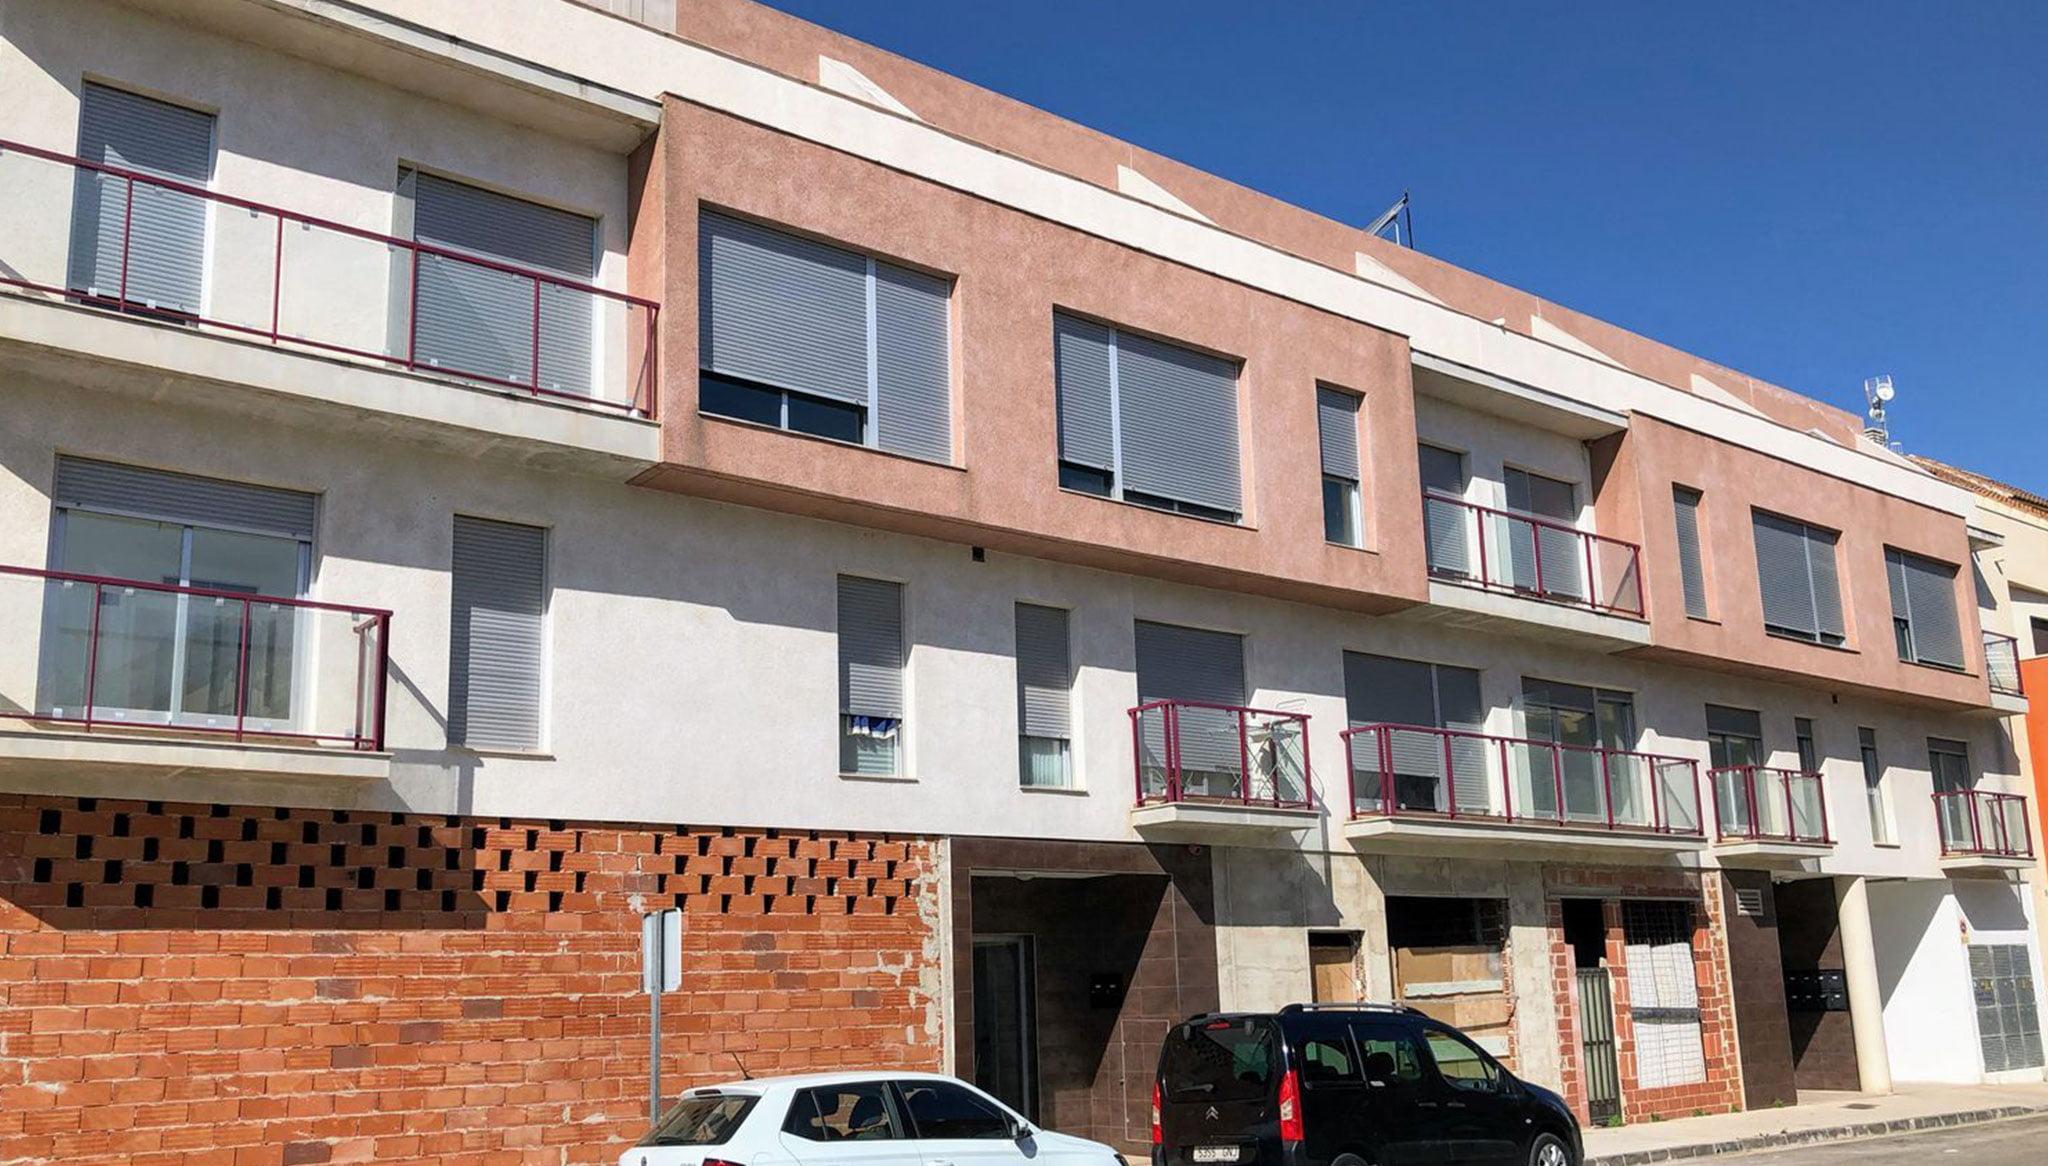 Fachada de la finca donde se venden diversos pisos en Ondara – Mare Nostrum Inmobiliaria